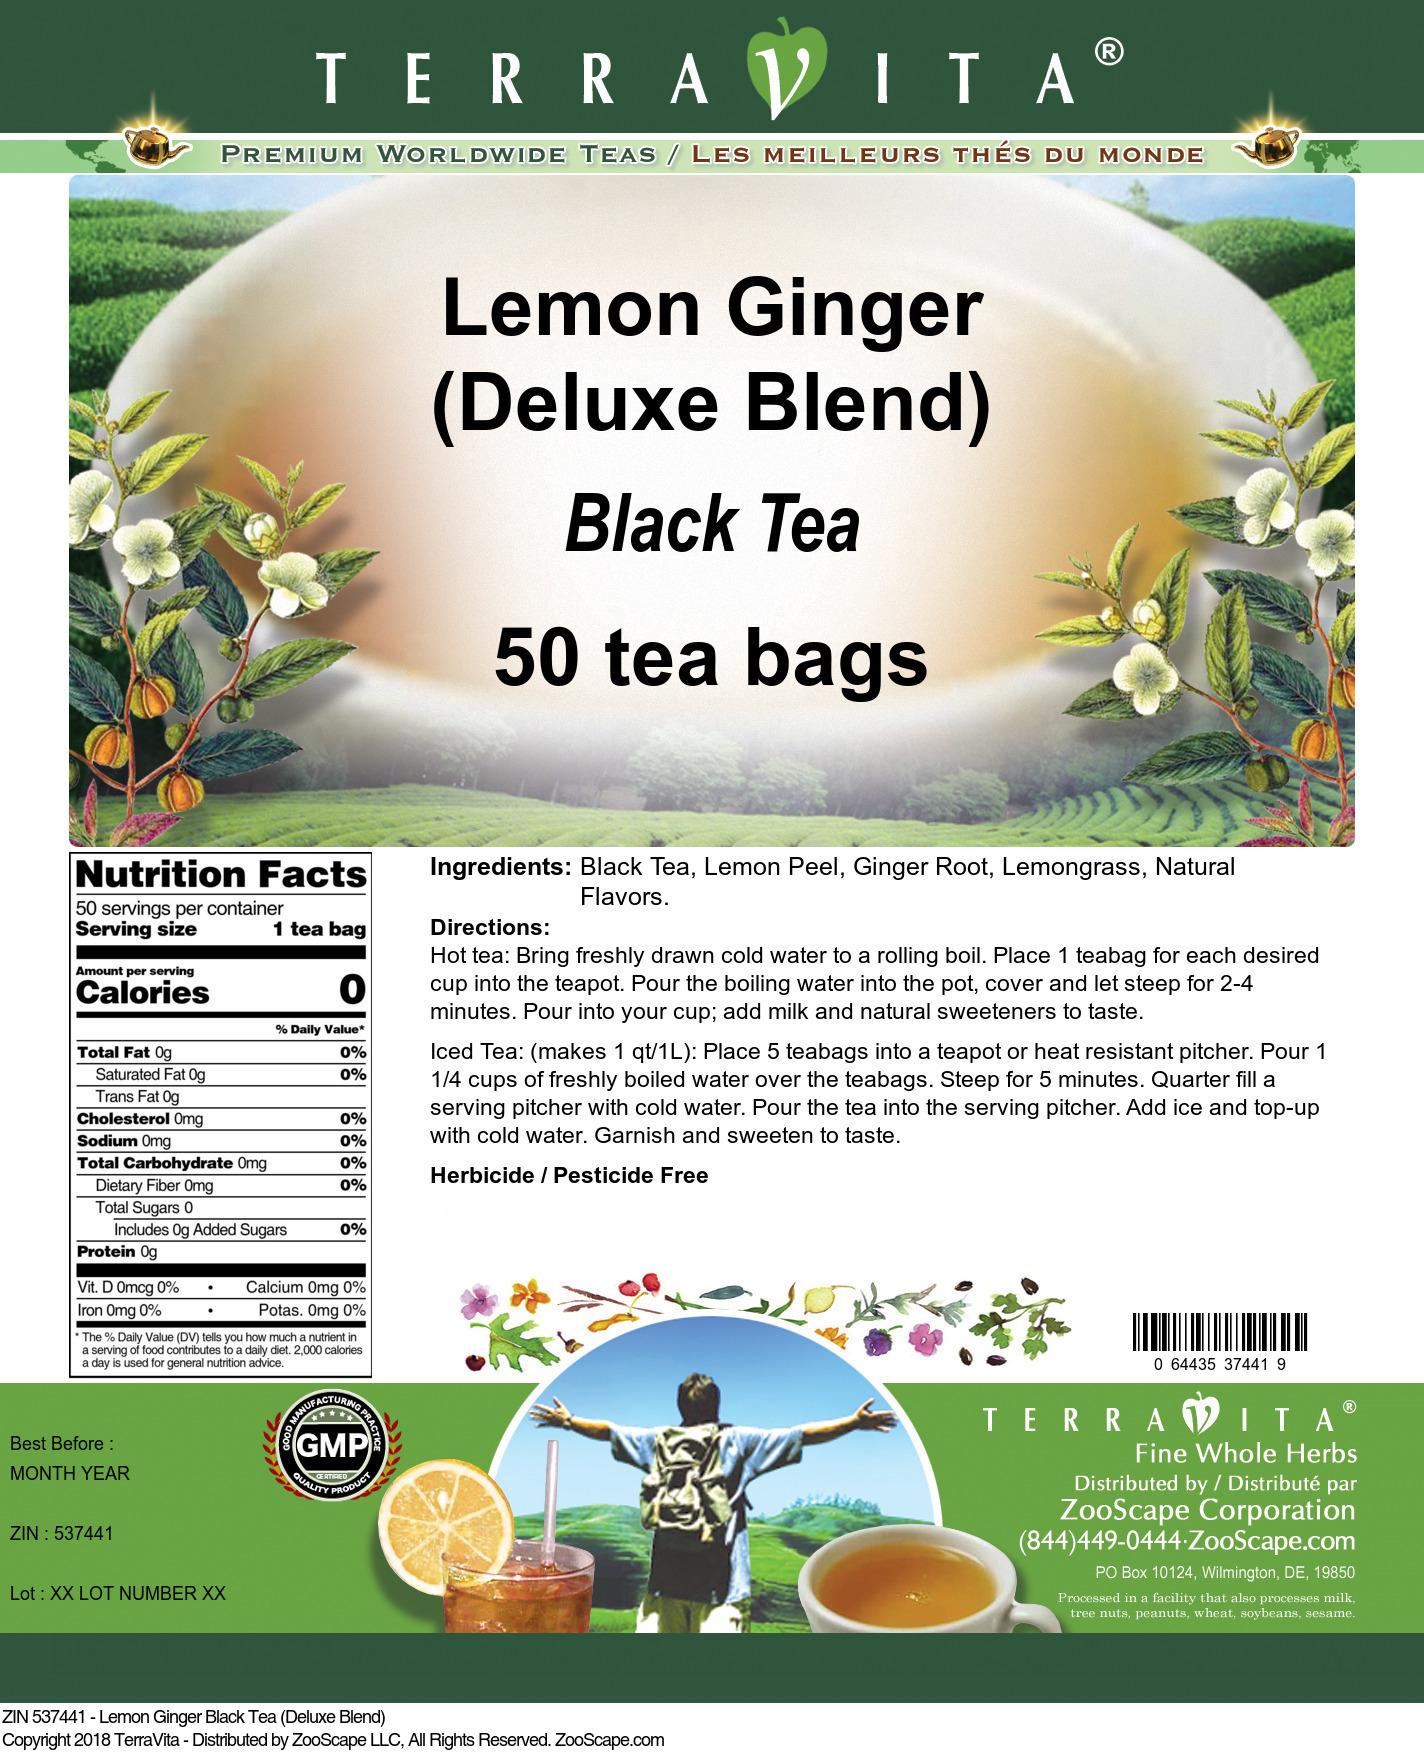 Lemon Ginger Black Tea